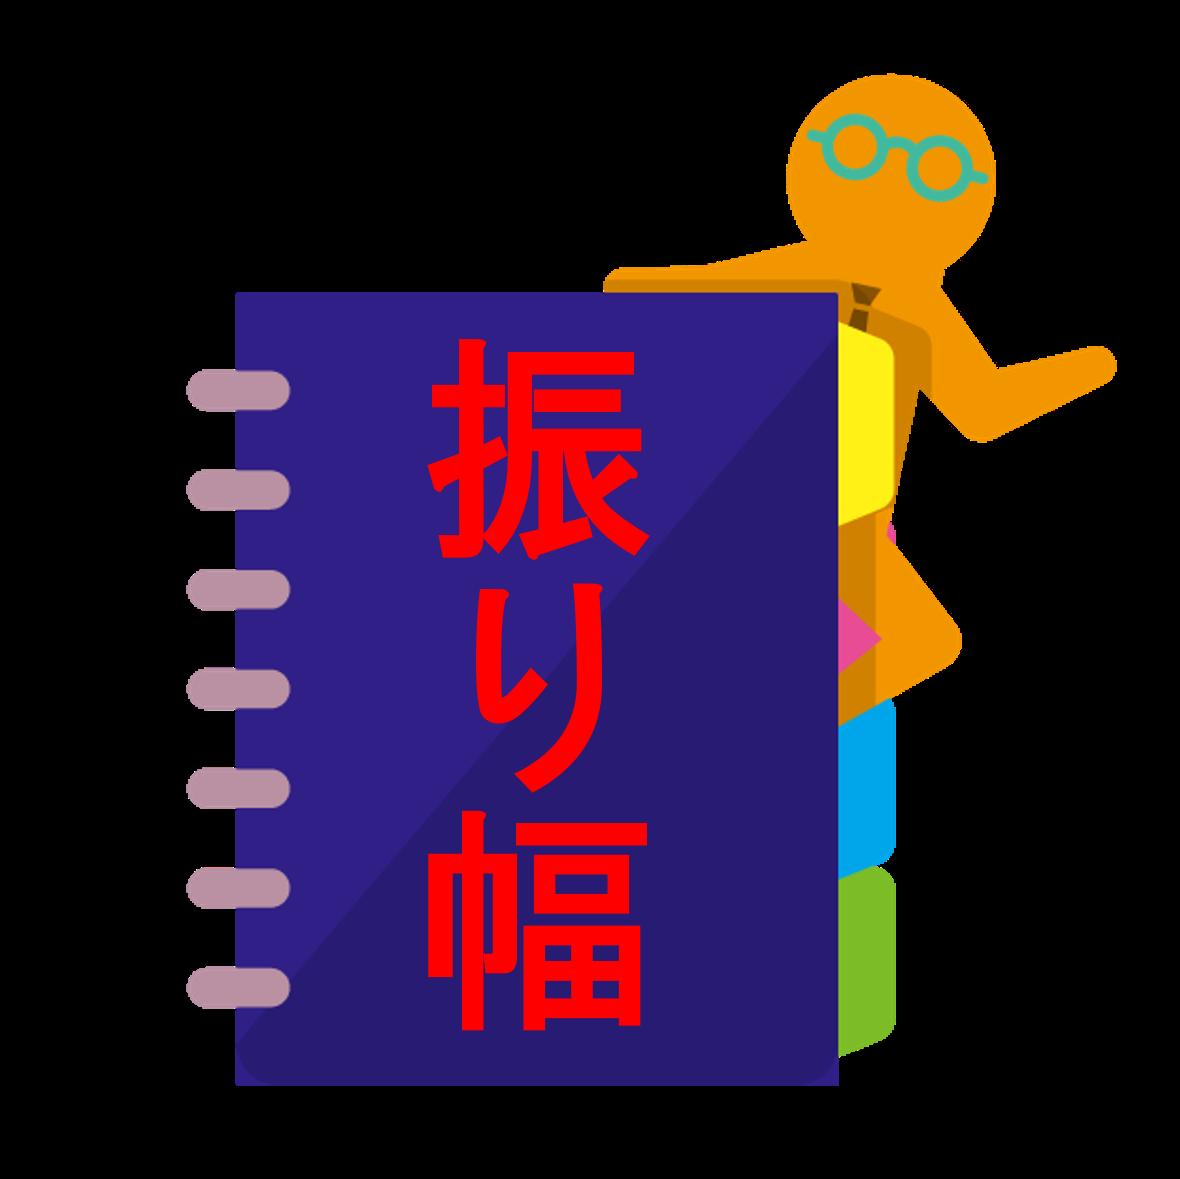 コツコツ系メガネ栄養士の手探り雑記ブログ~振り幅を大きく生きる~